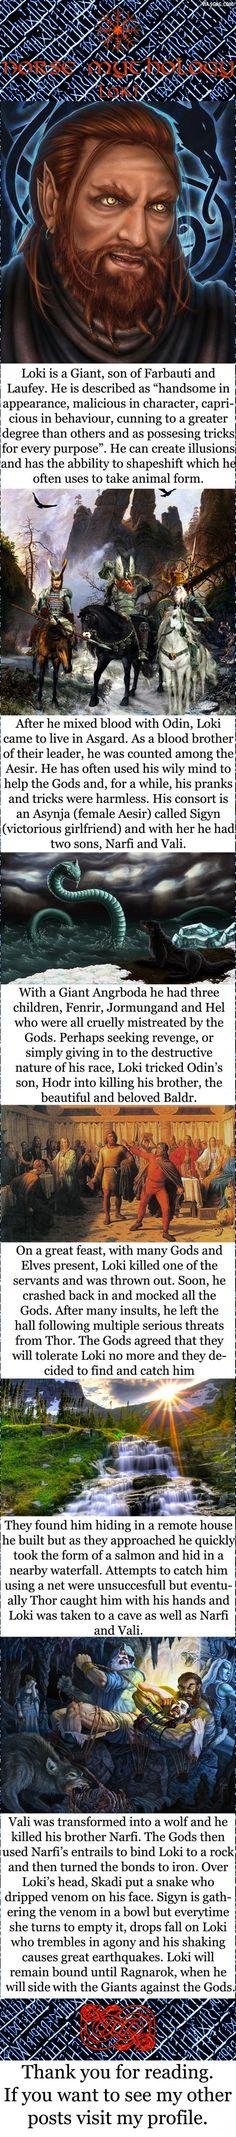 Norse mythology - Loki